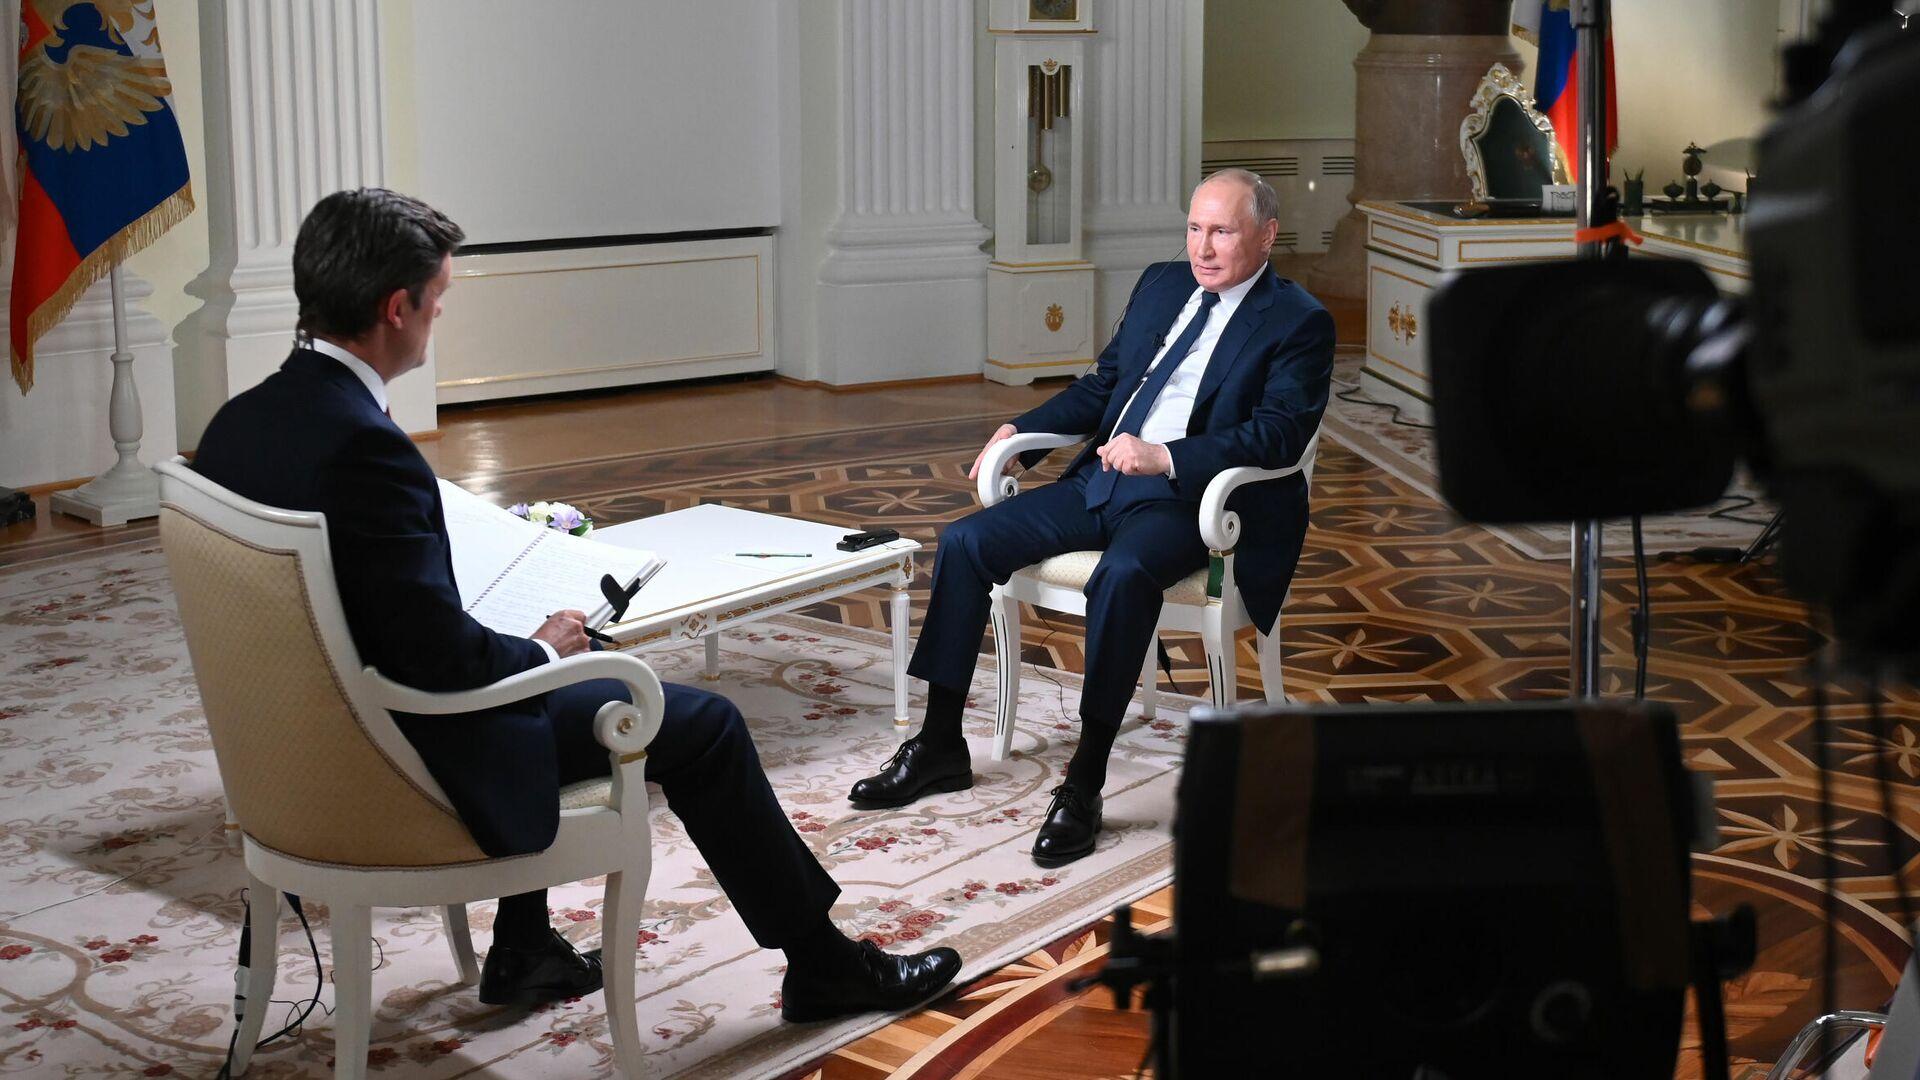 Президент РФ Владимир Путин дал интервью американской телекомпании NBC - РИА Новости, 1920, 14.06.2021